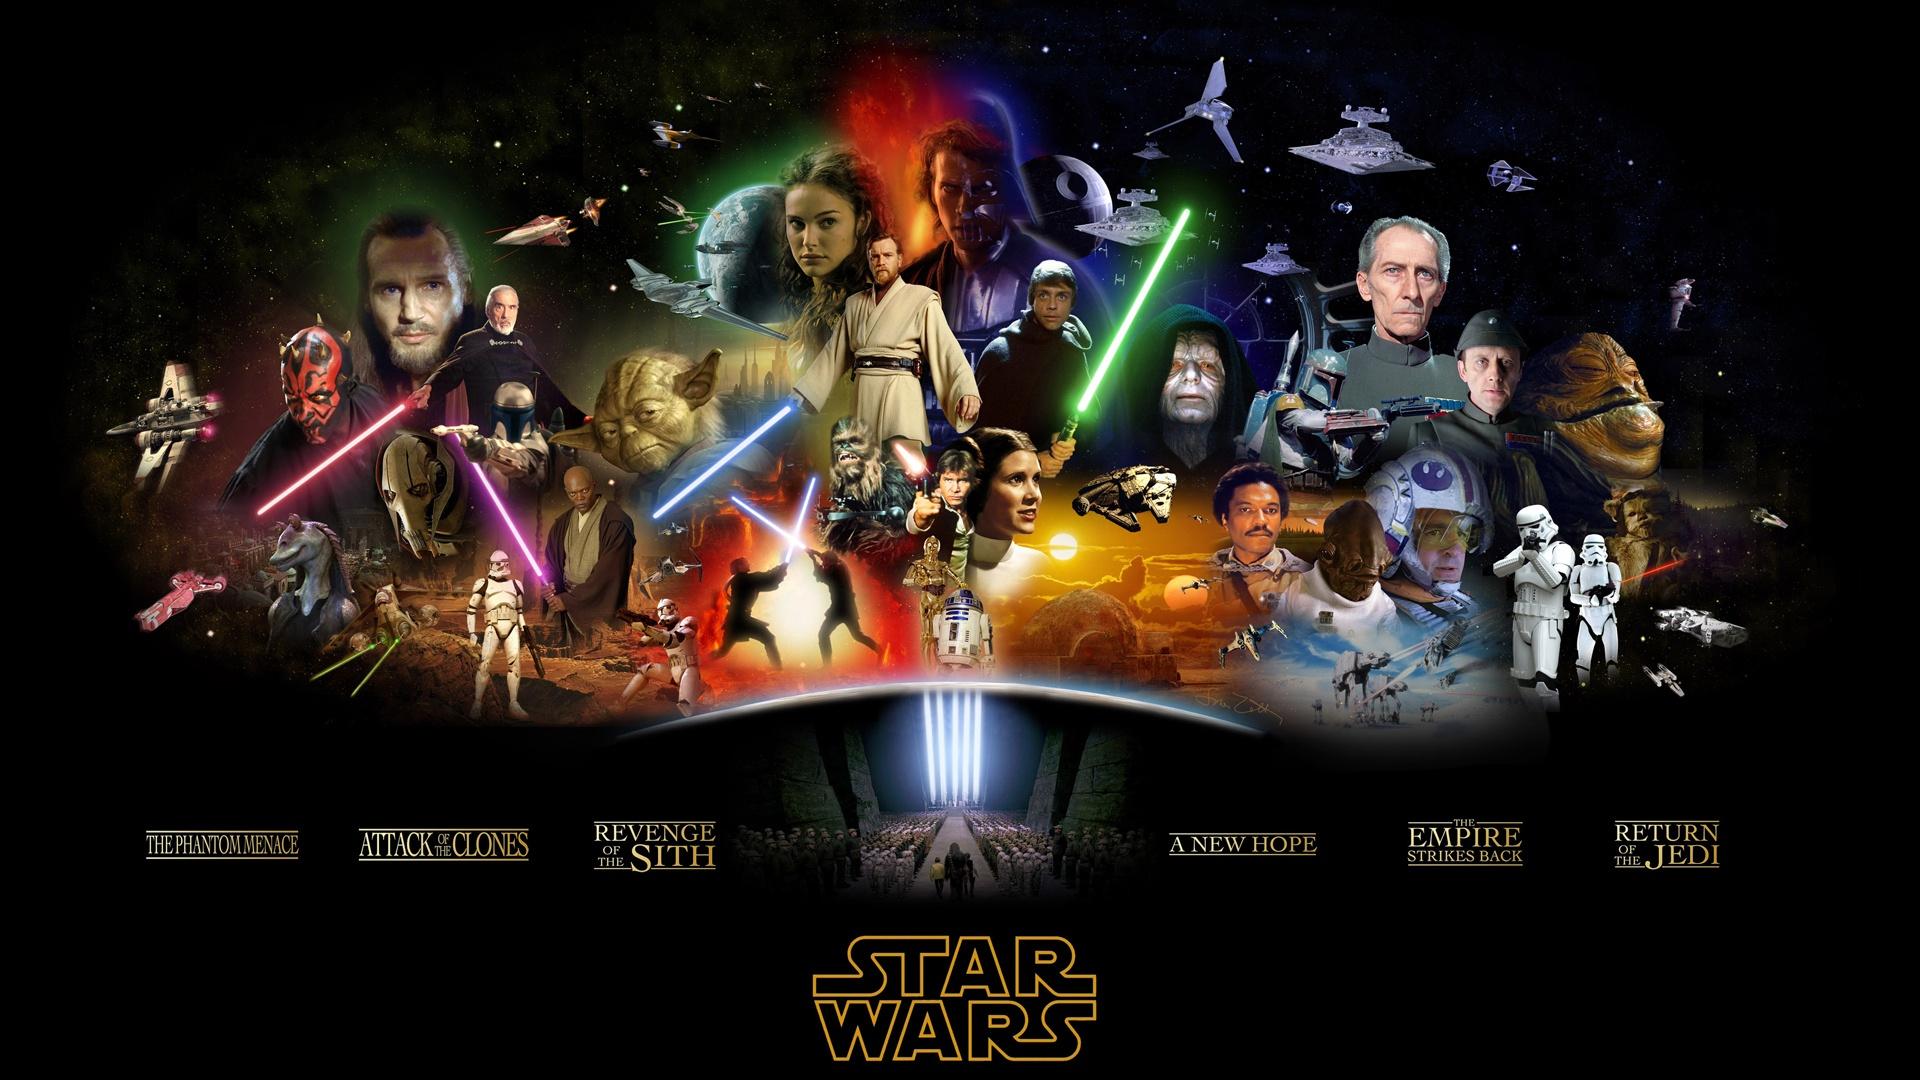 46 Star Wars Hd Wallpaper 1920x1080 On Wallpapersafari